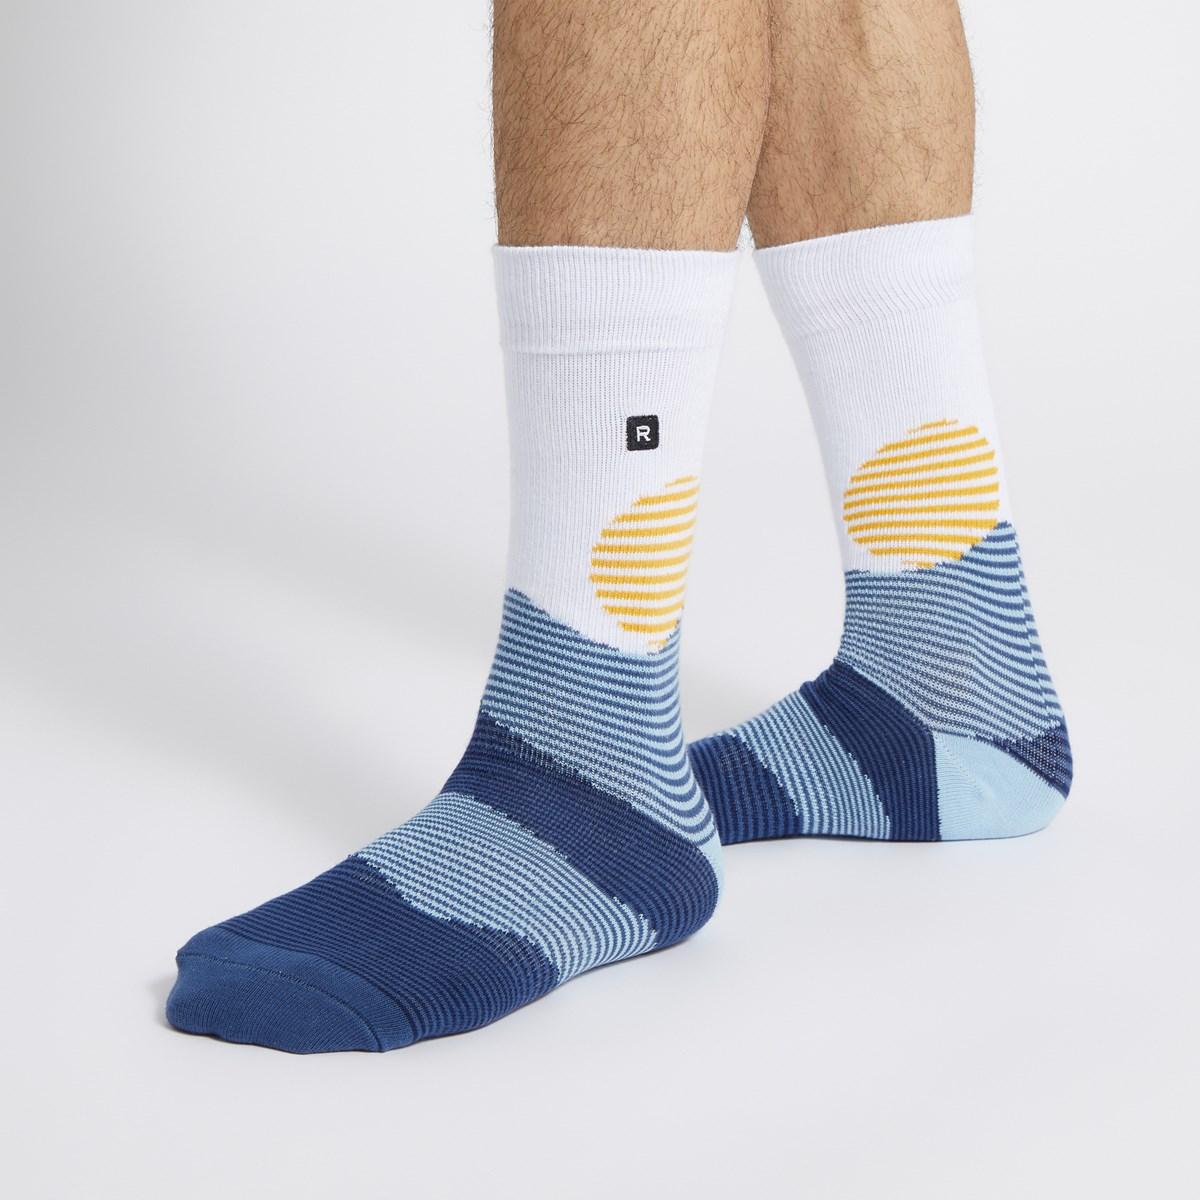 Men's Oakley Crew Socks in Blue